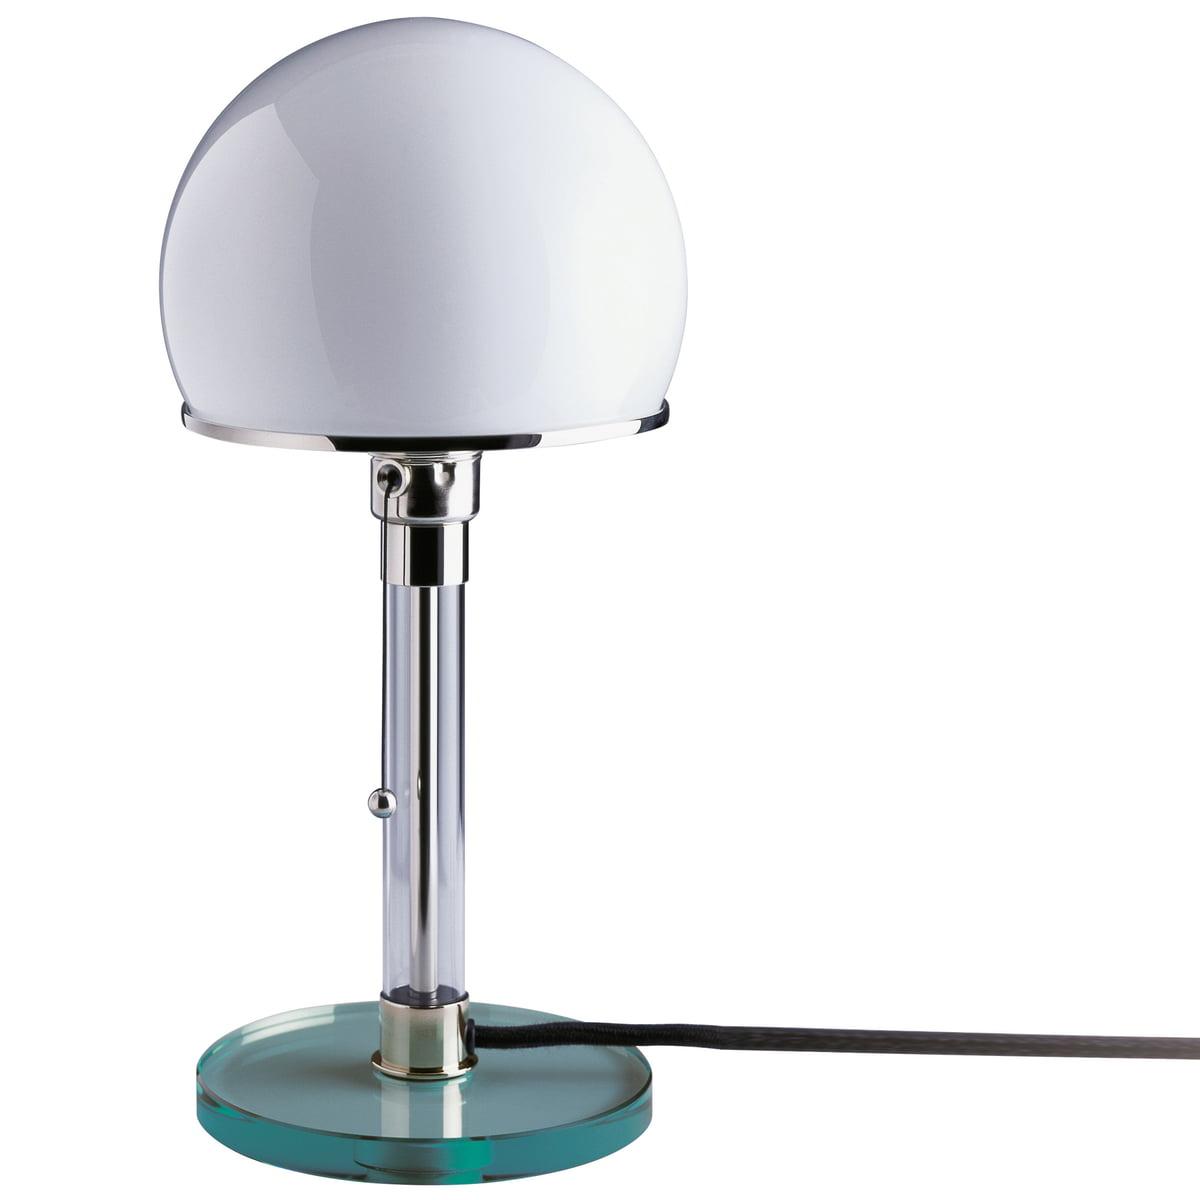 Wagenfeld Lamp Wg24 By Tecnolumen